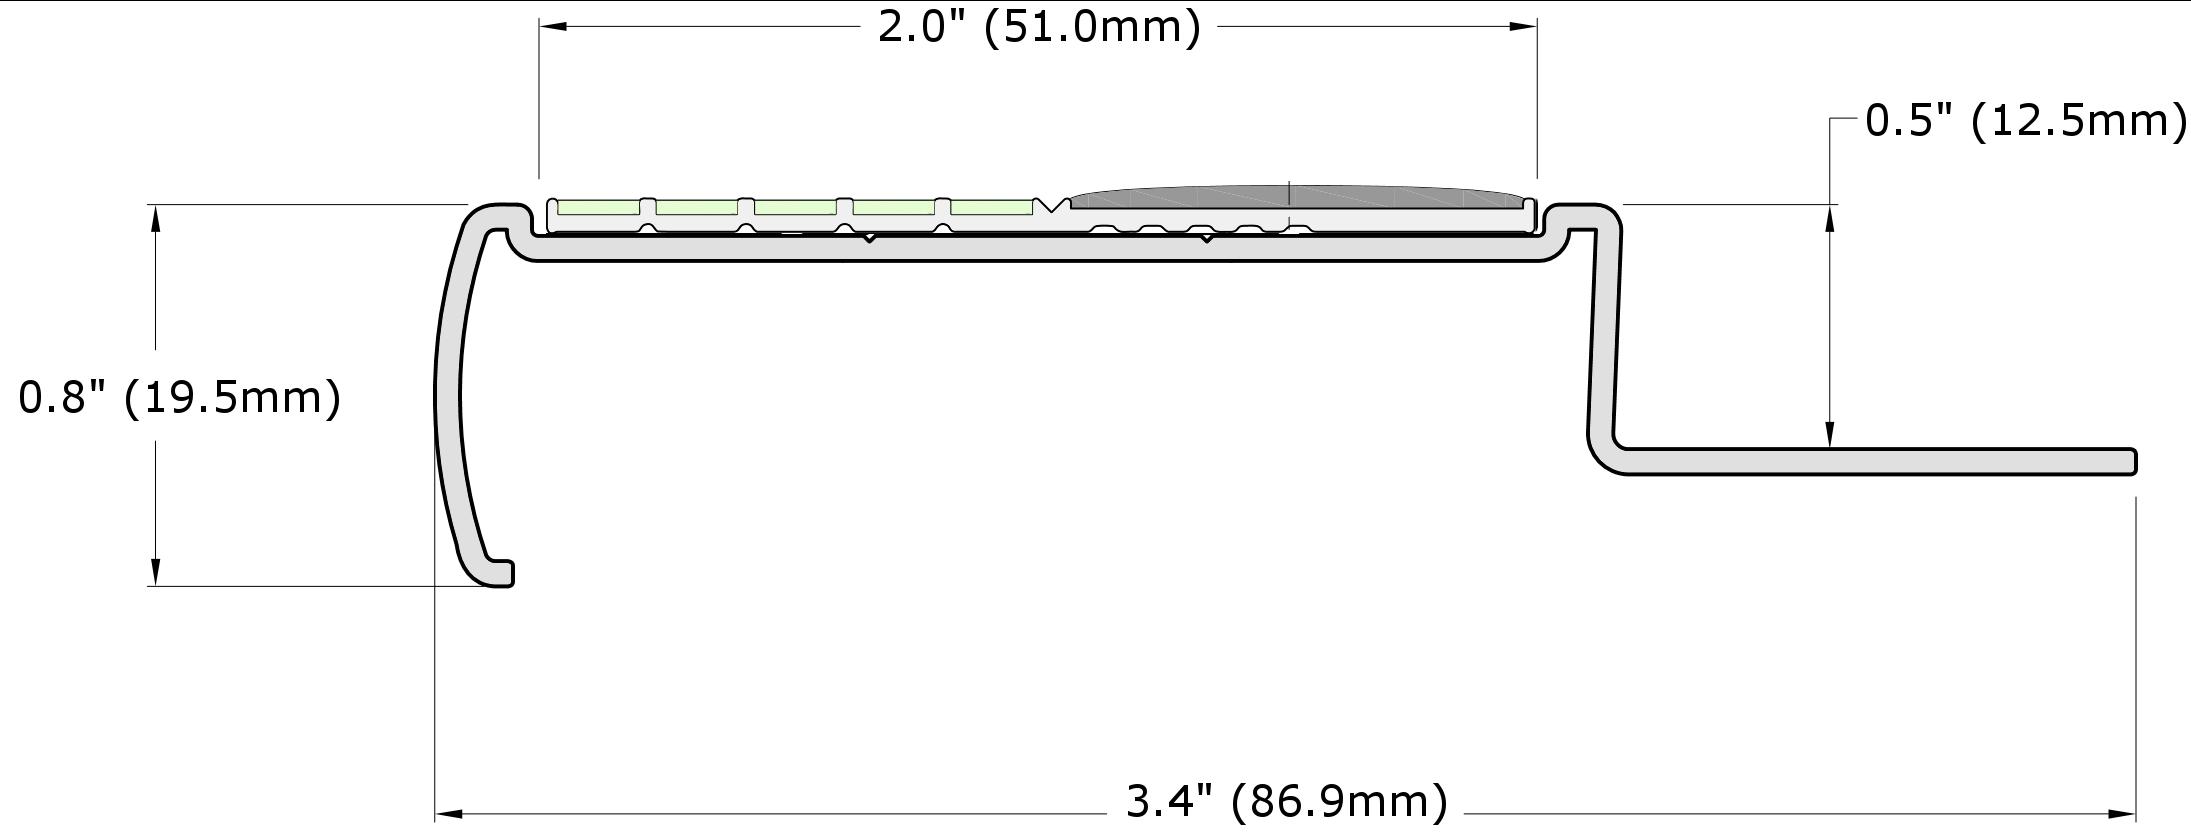 M4_125dimension